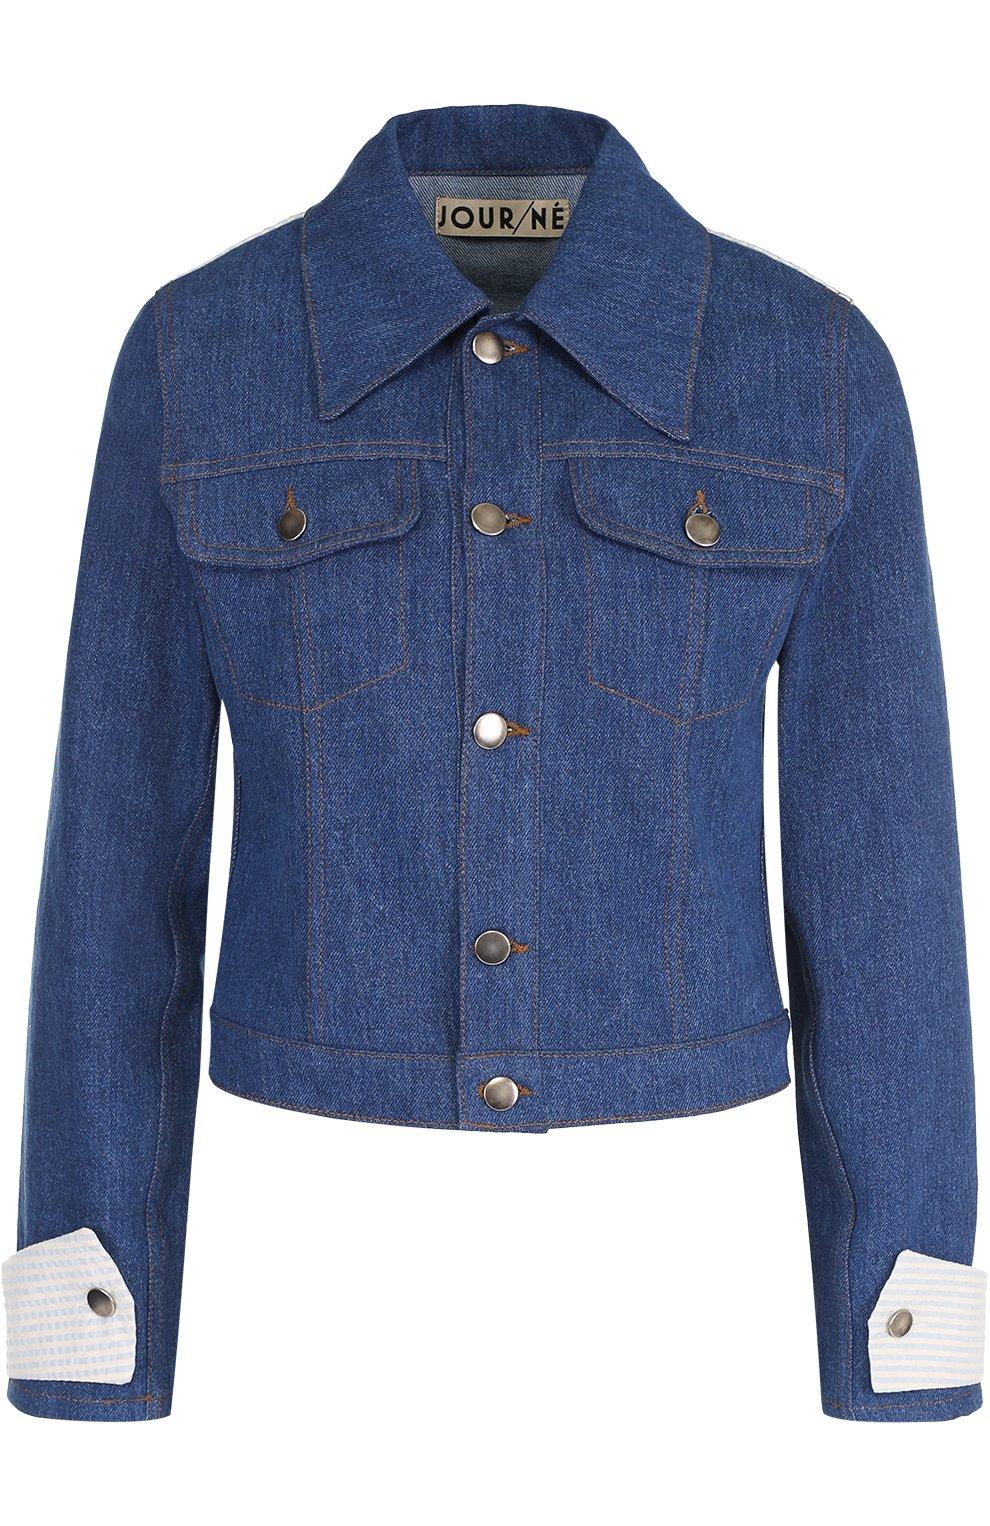 Джинсовая куртка с накладным воротником и контрастной отделкой Jour/ne синяя | Фото №1